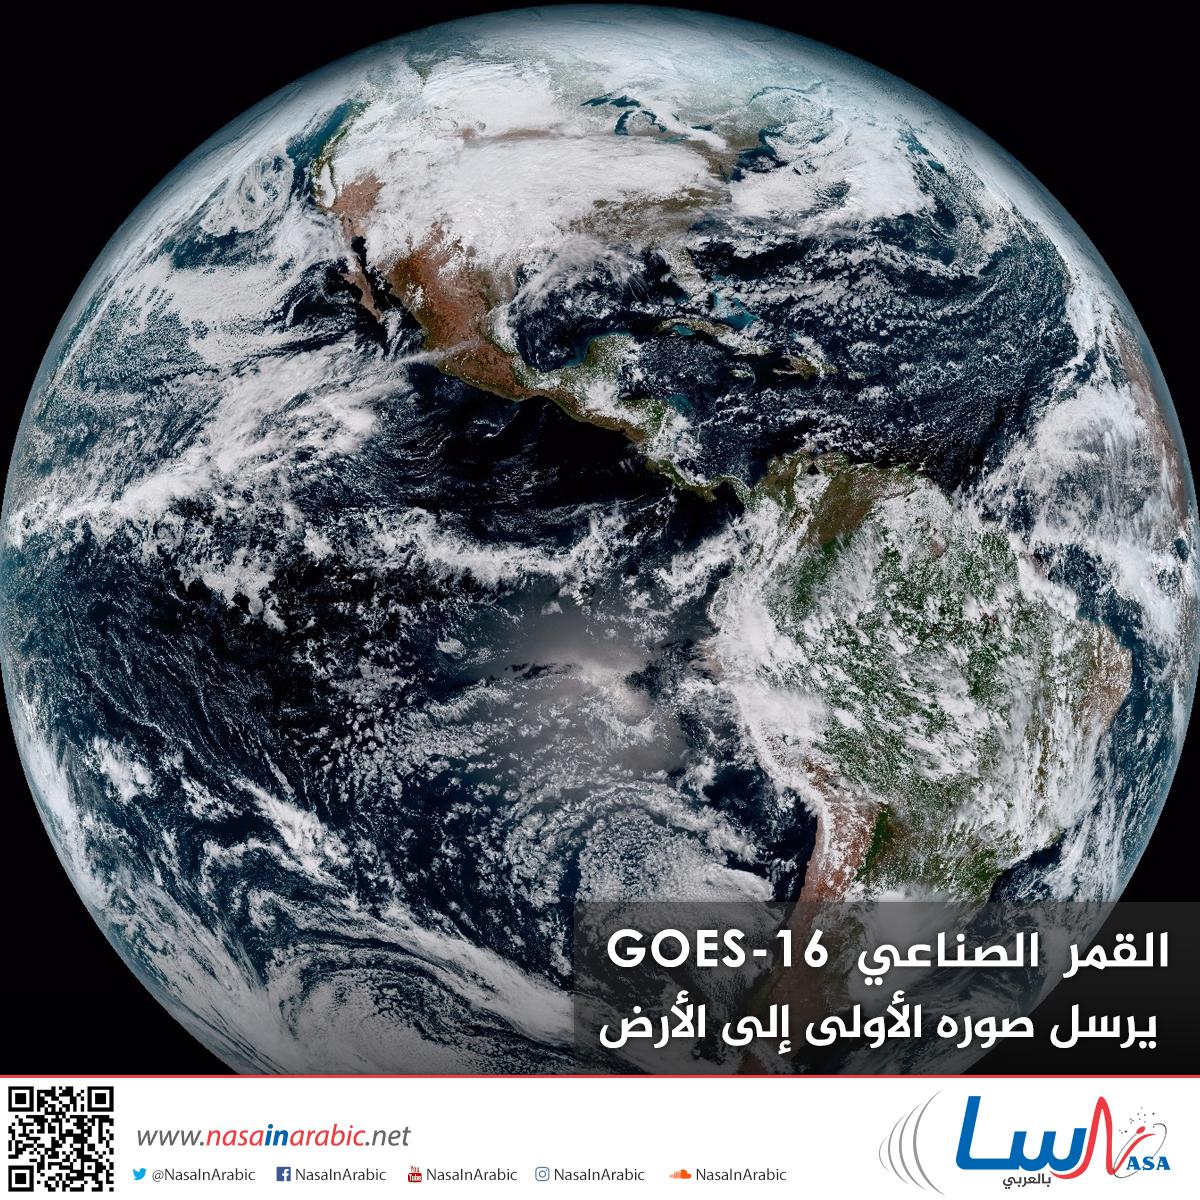 القمر الصناعي GOES-16 يرسل صوره الأولى إلى الأرض